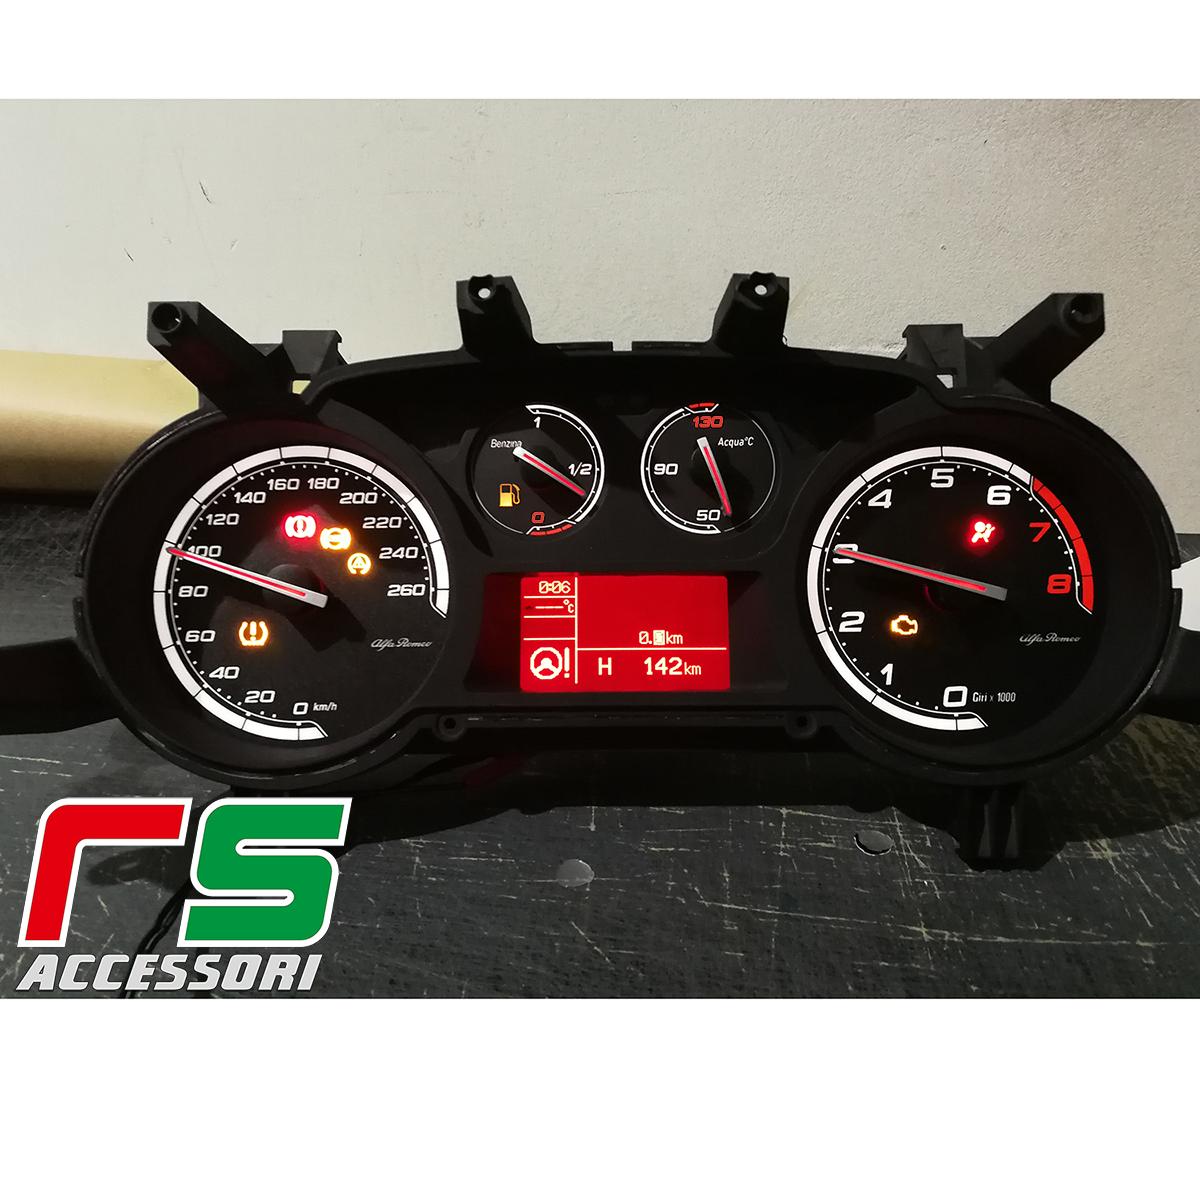 tachometer personifizierte Alfa Romeo Giulietta benzin